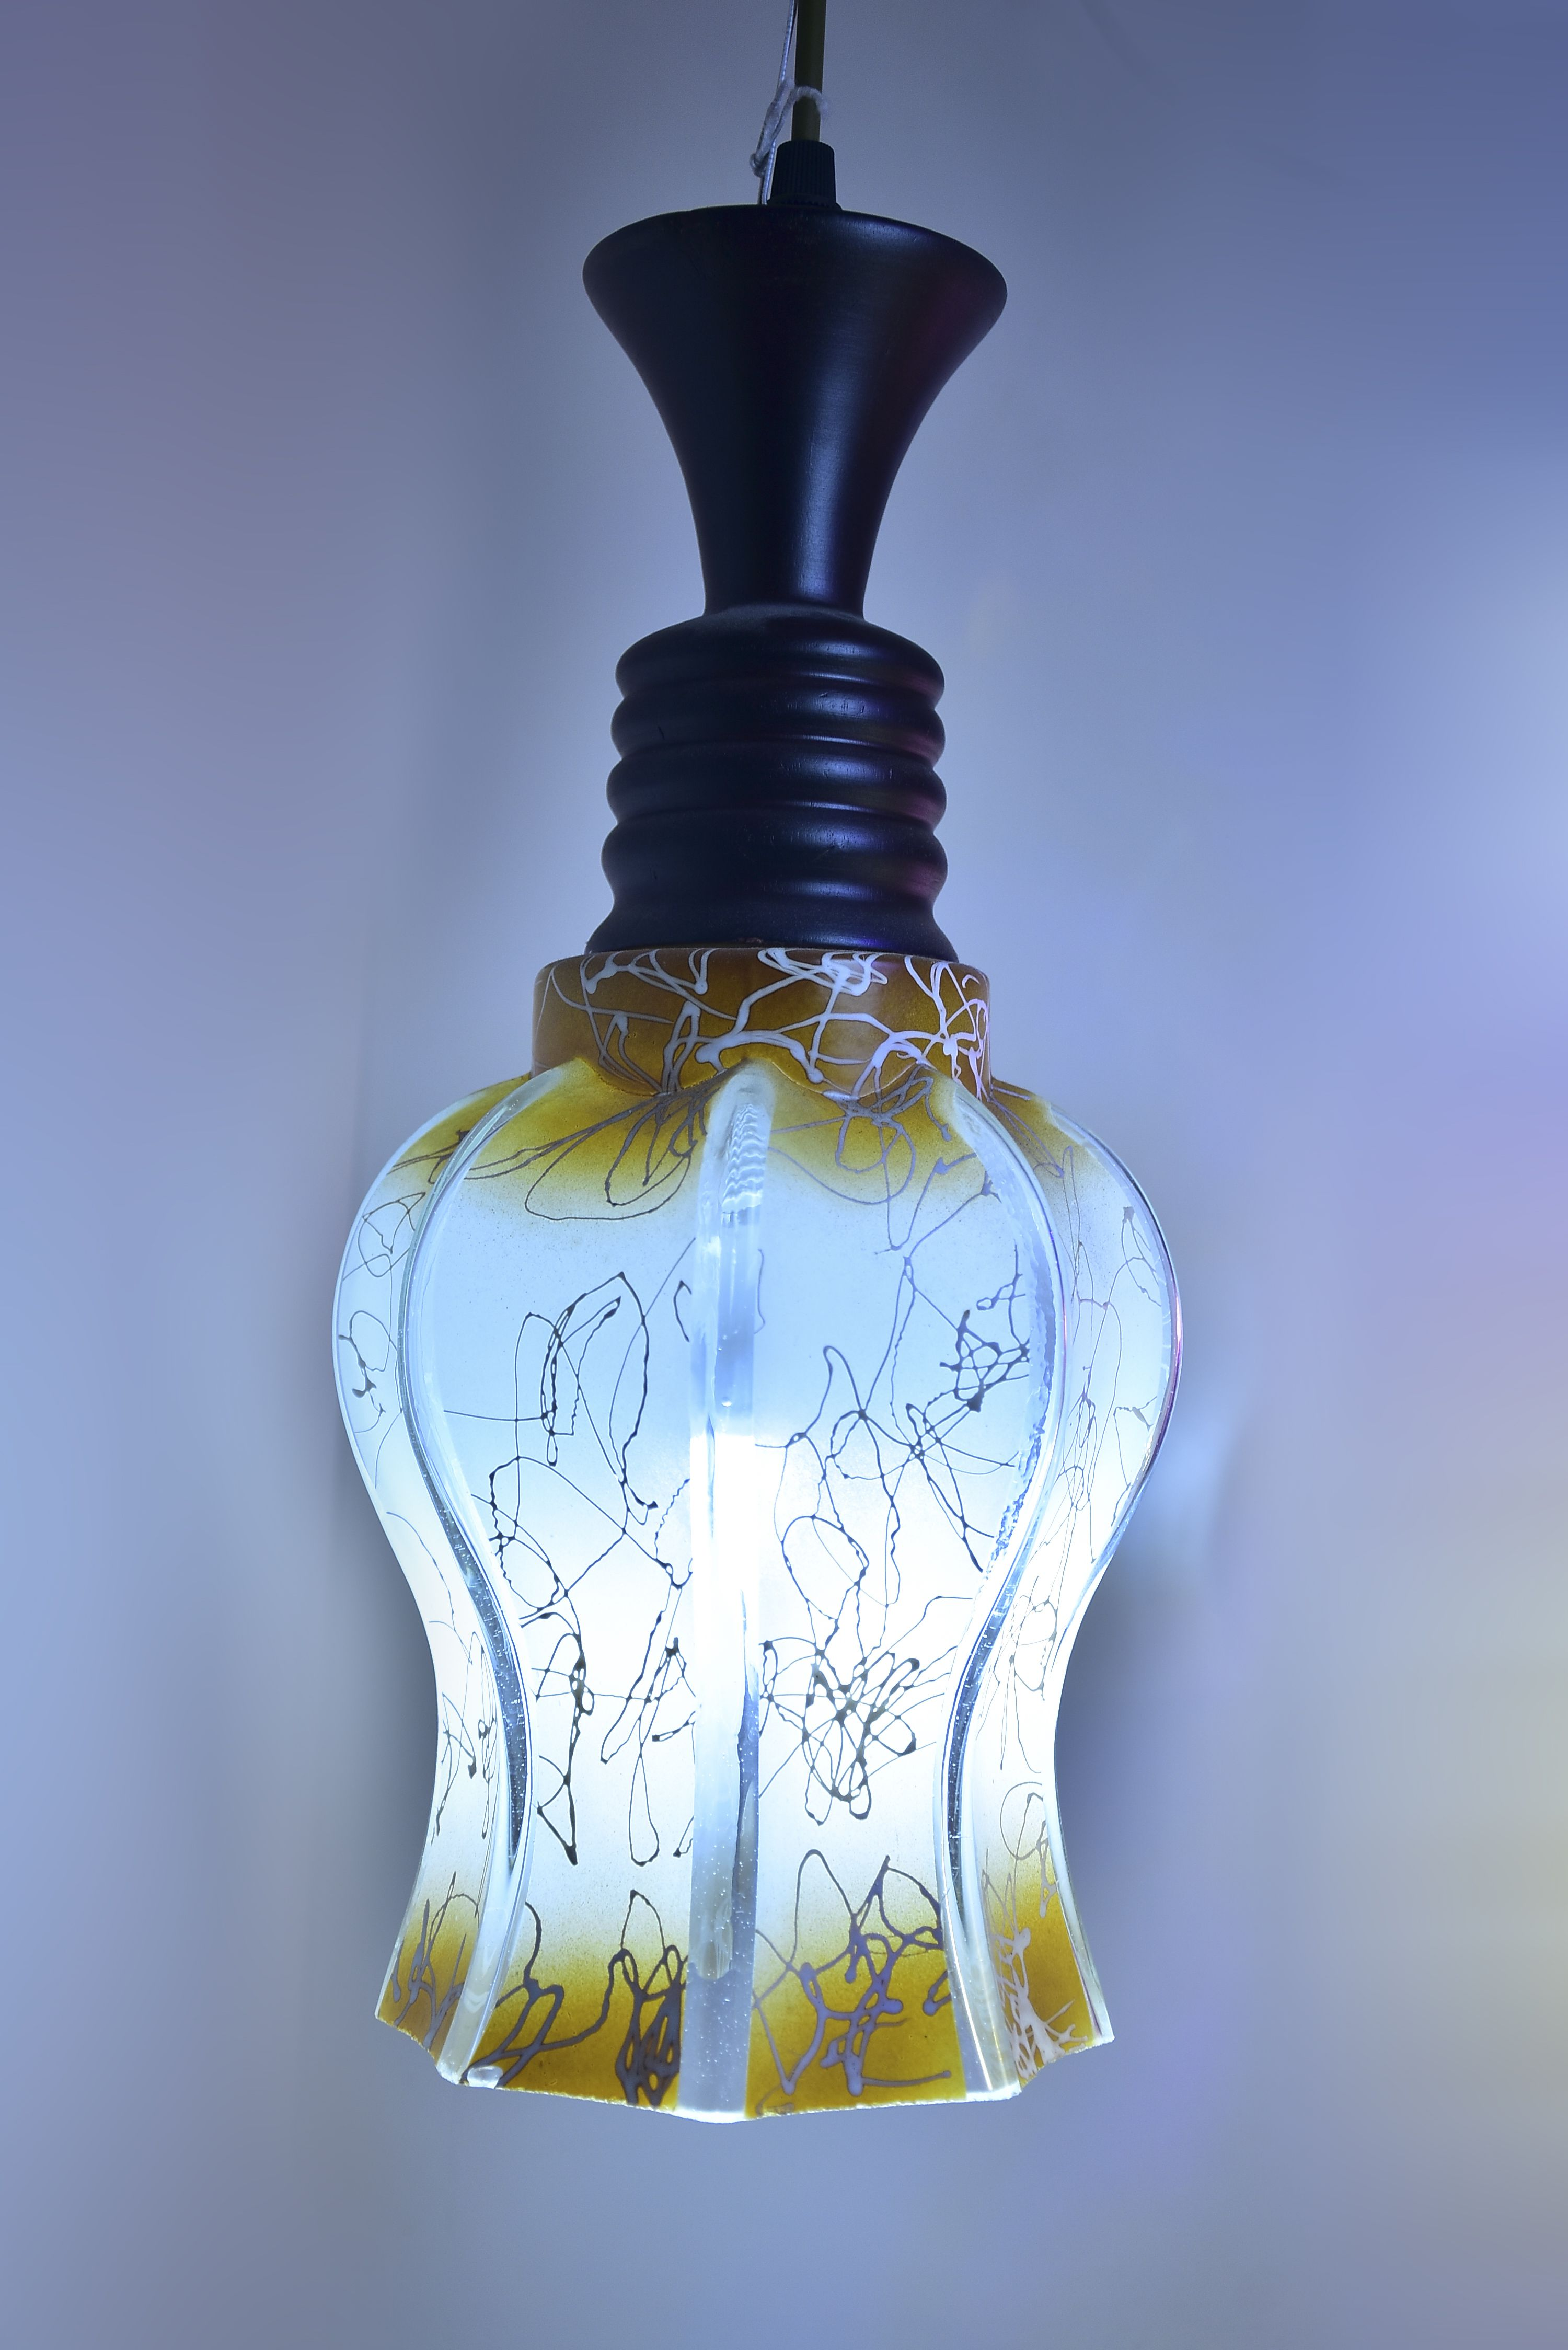 Brown-Flower-metal-Hanging-light